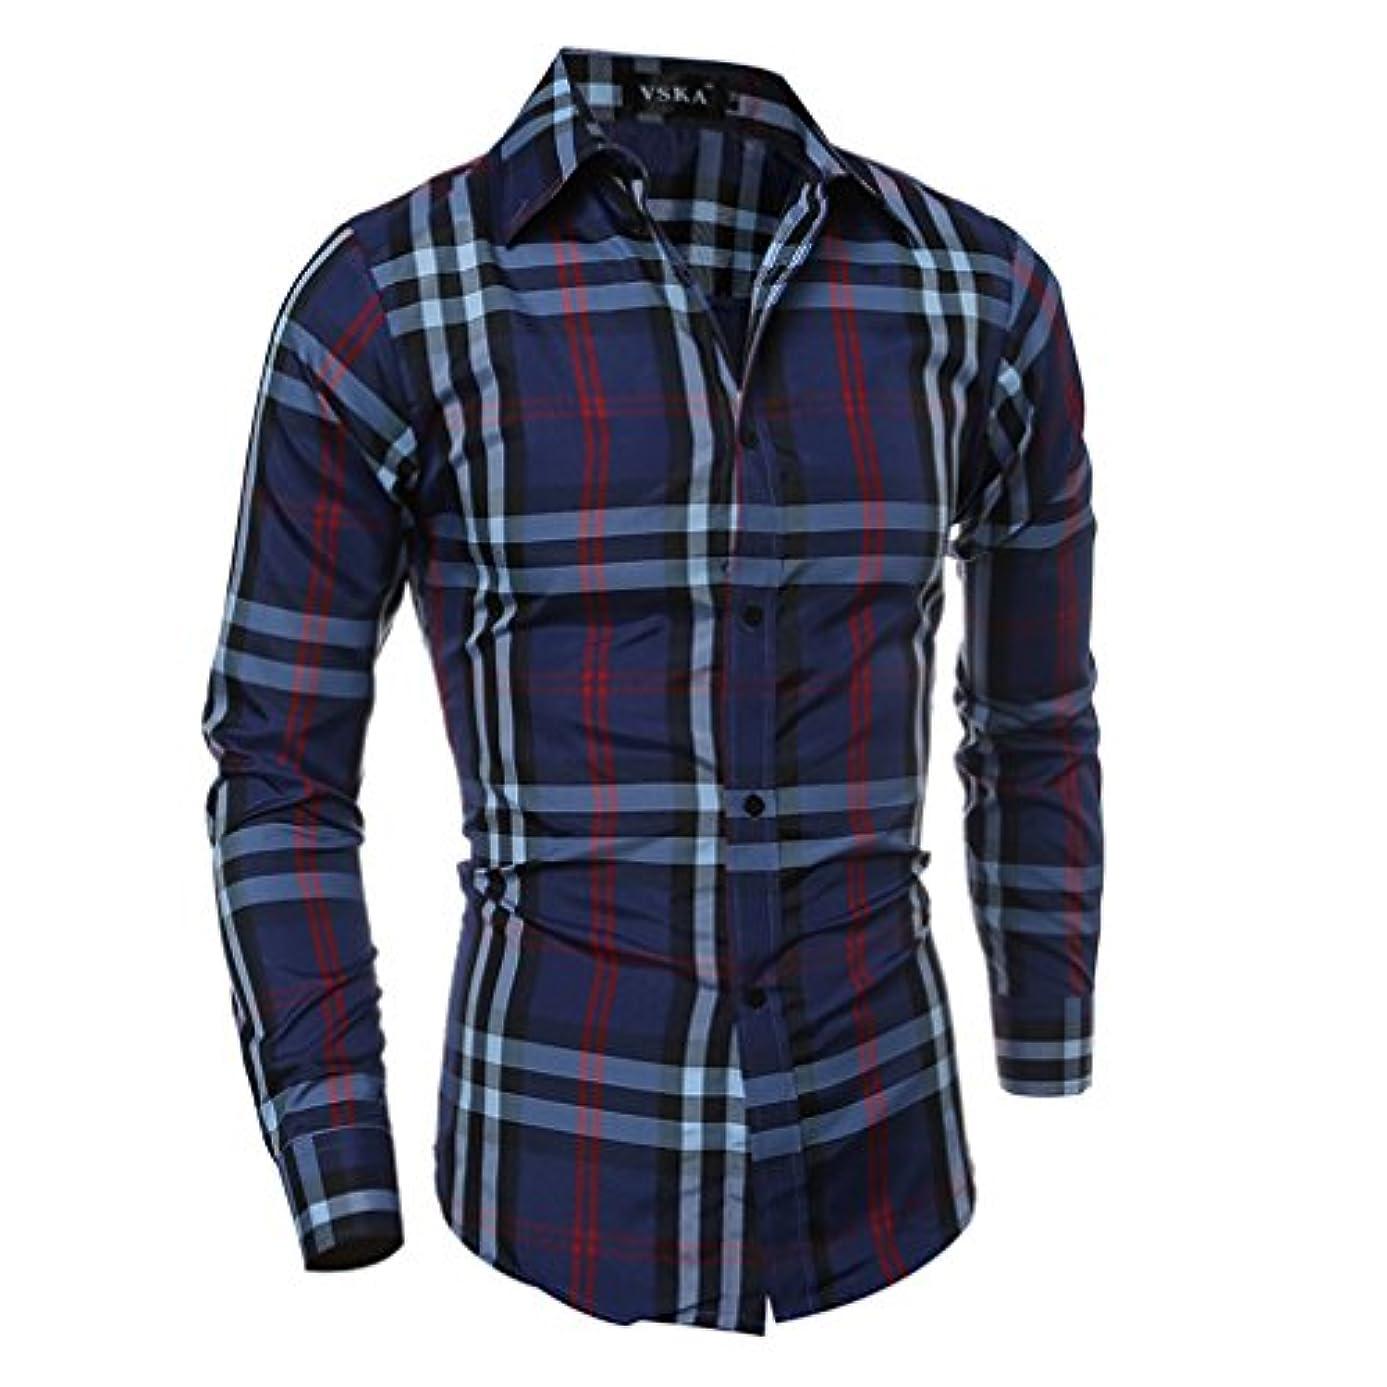 誰かセンブランスベンチHonghu メンズ シャツ 長袖  カジュアル スリム チェック柄 ライトブルー L 1PC